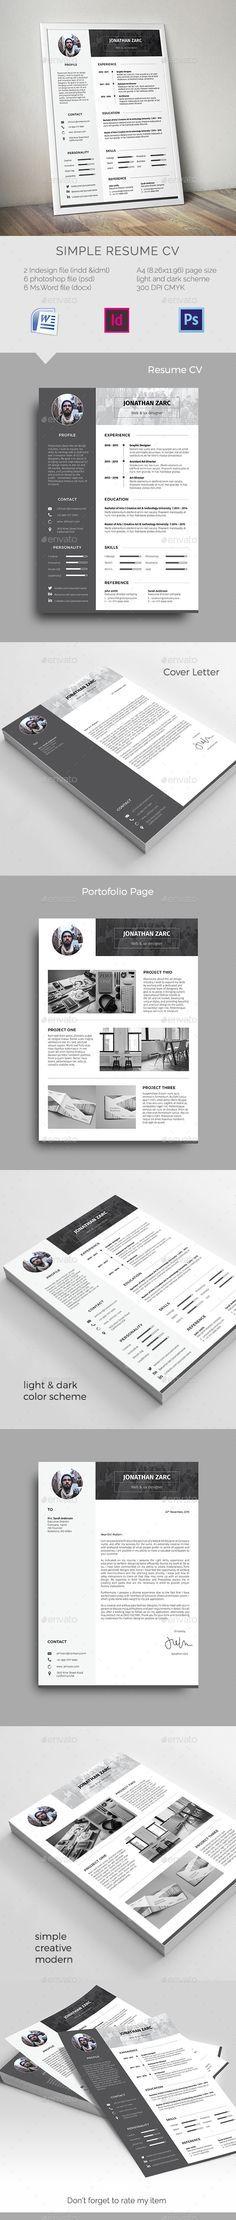 Resume, cover letter, brag book. Sleek design